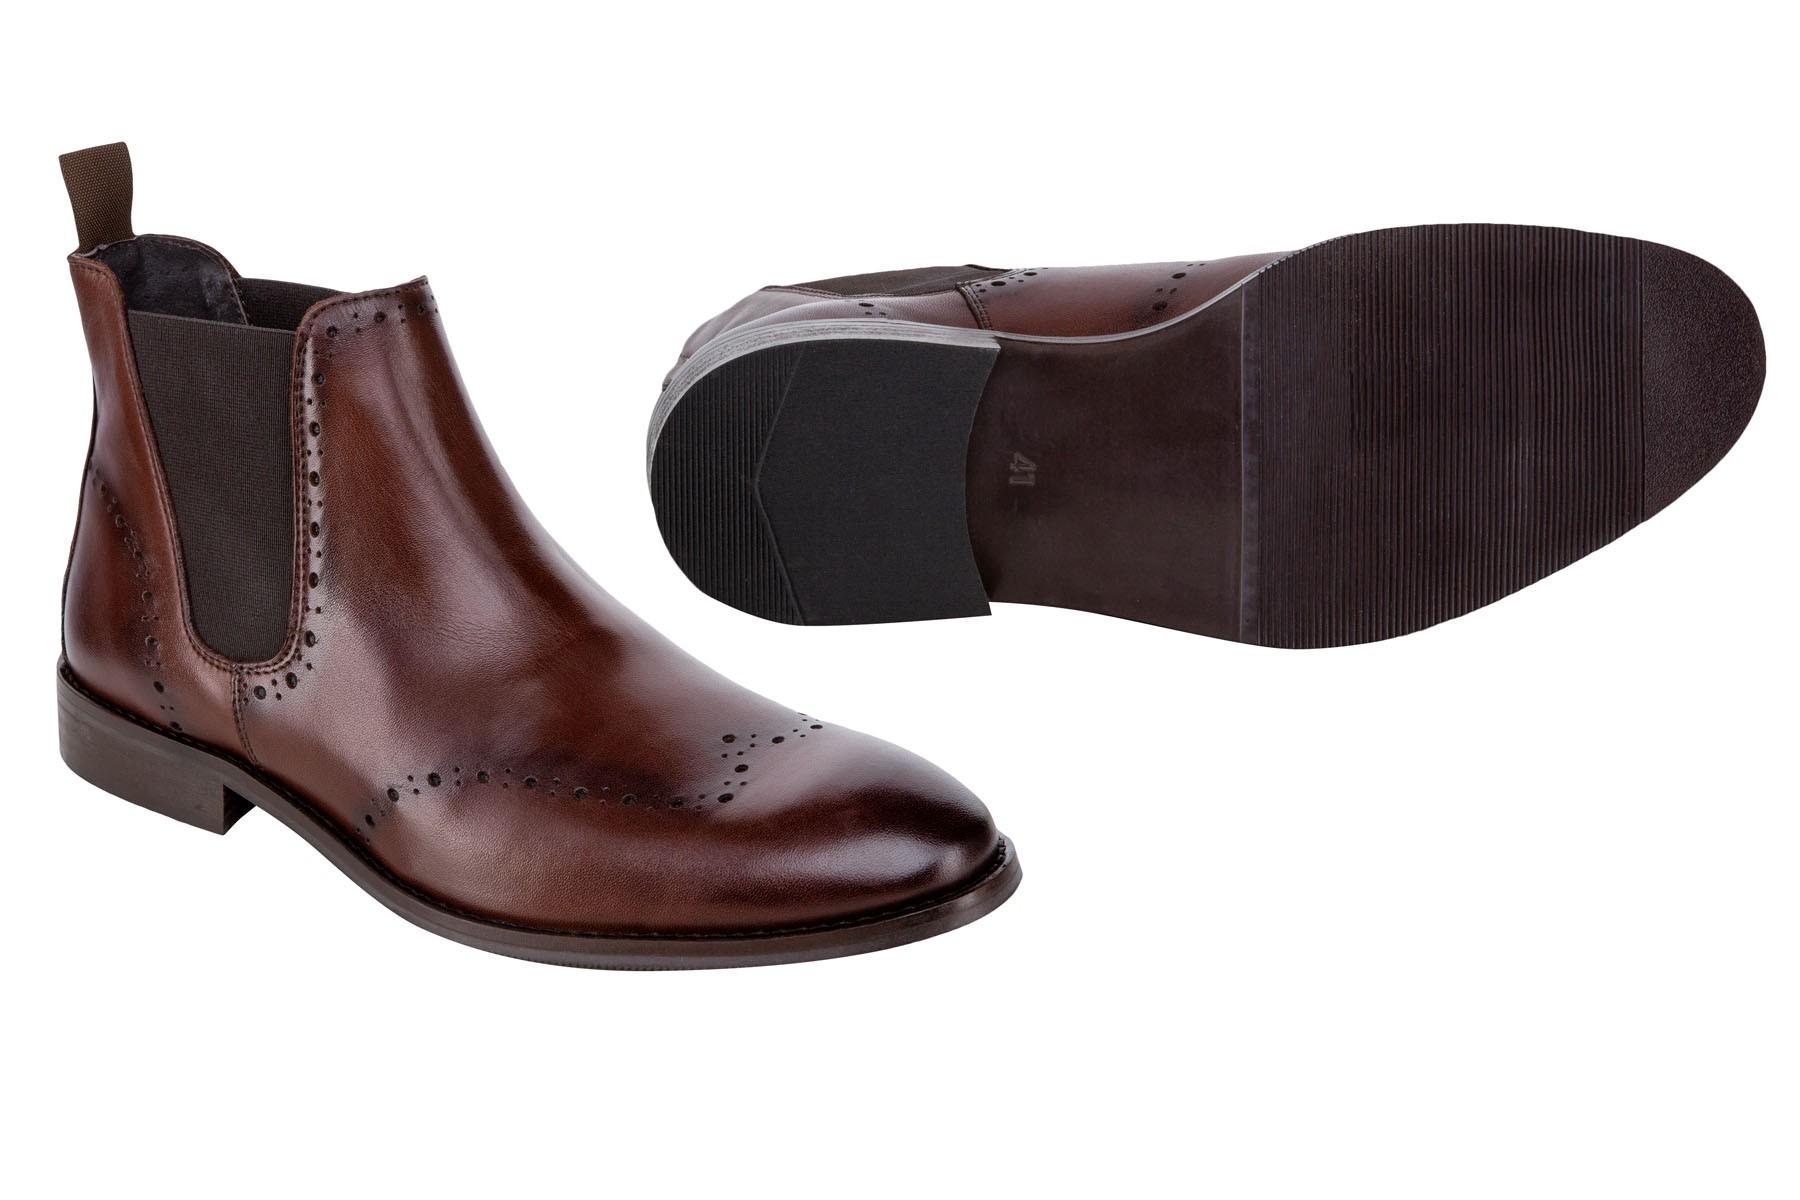 Brązowe buty męskie za kostkę.